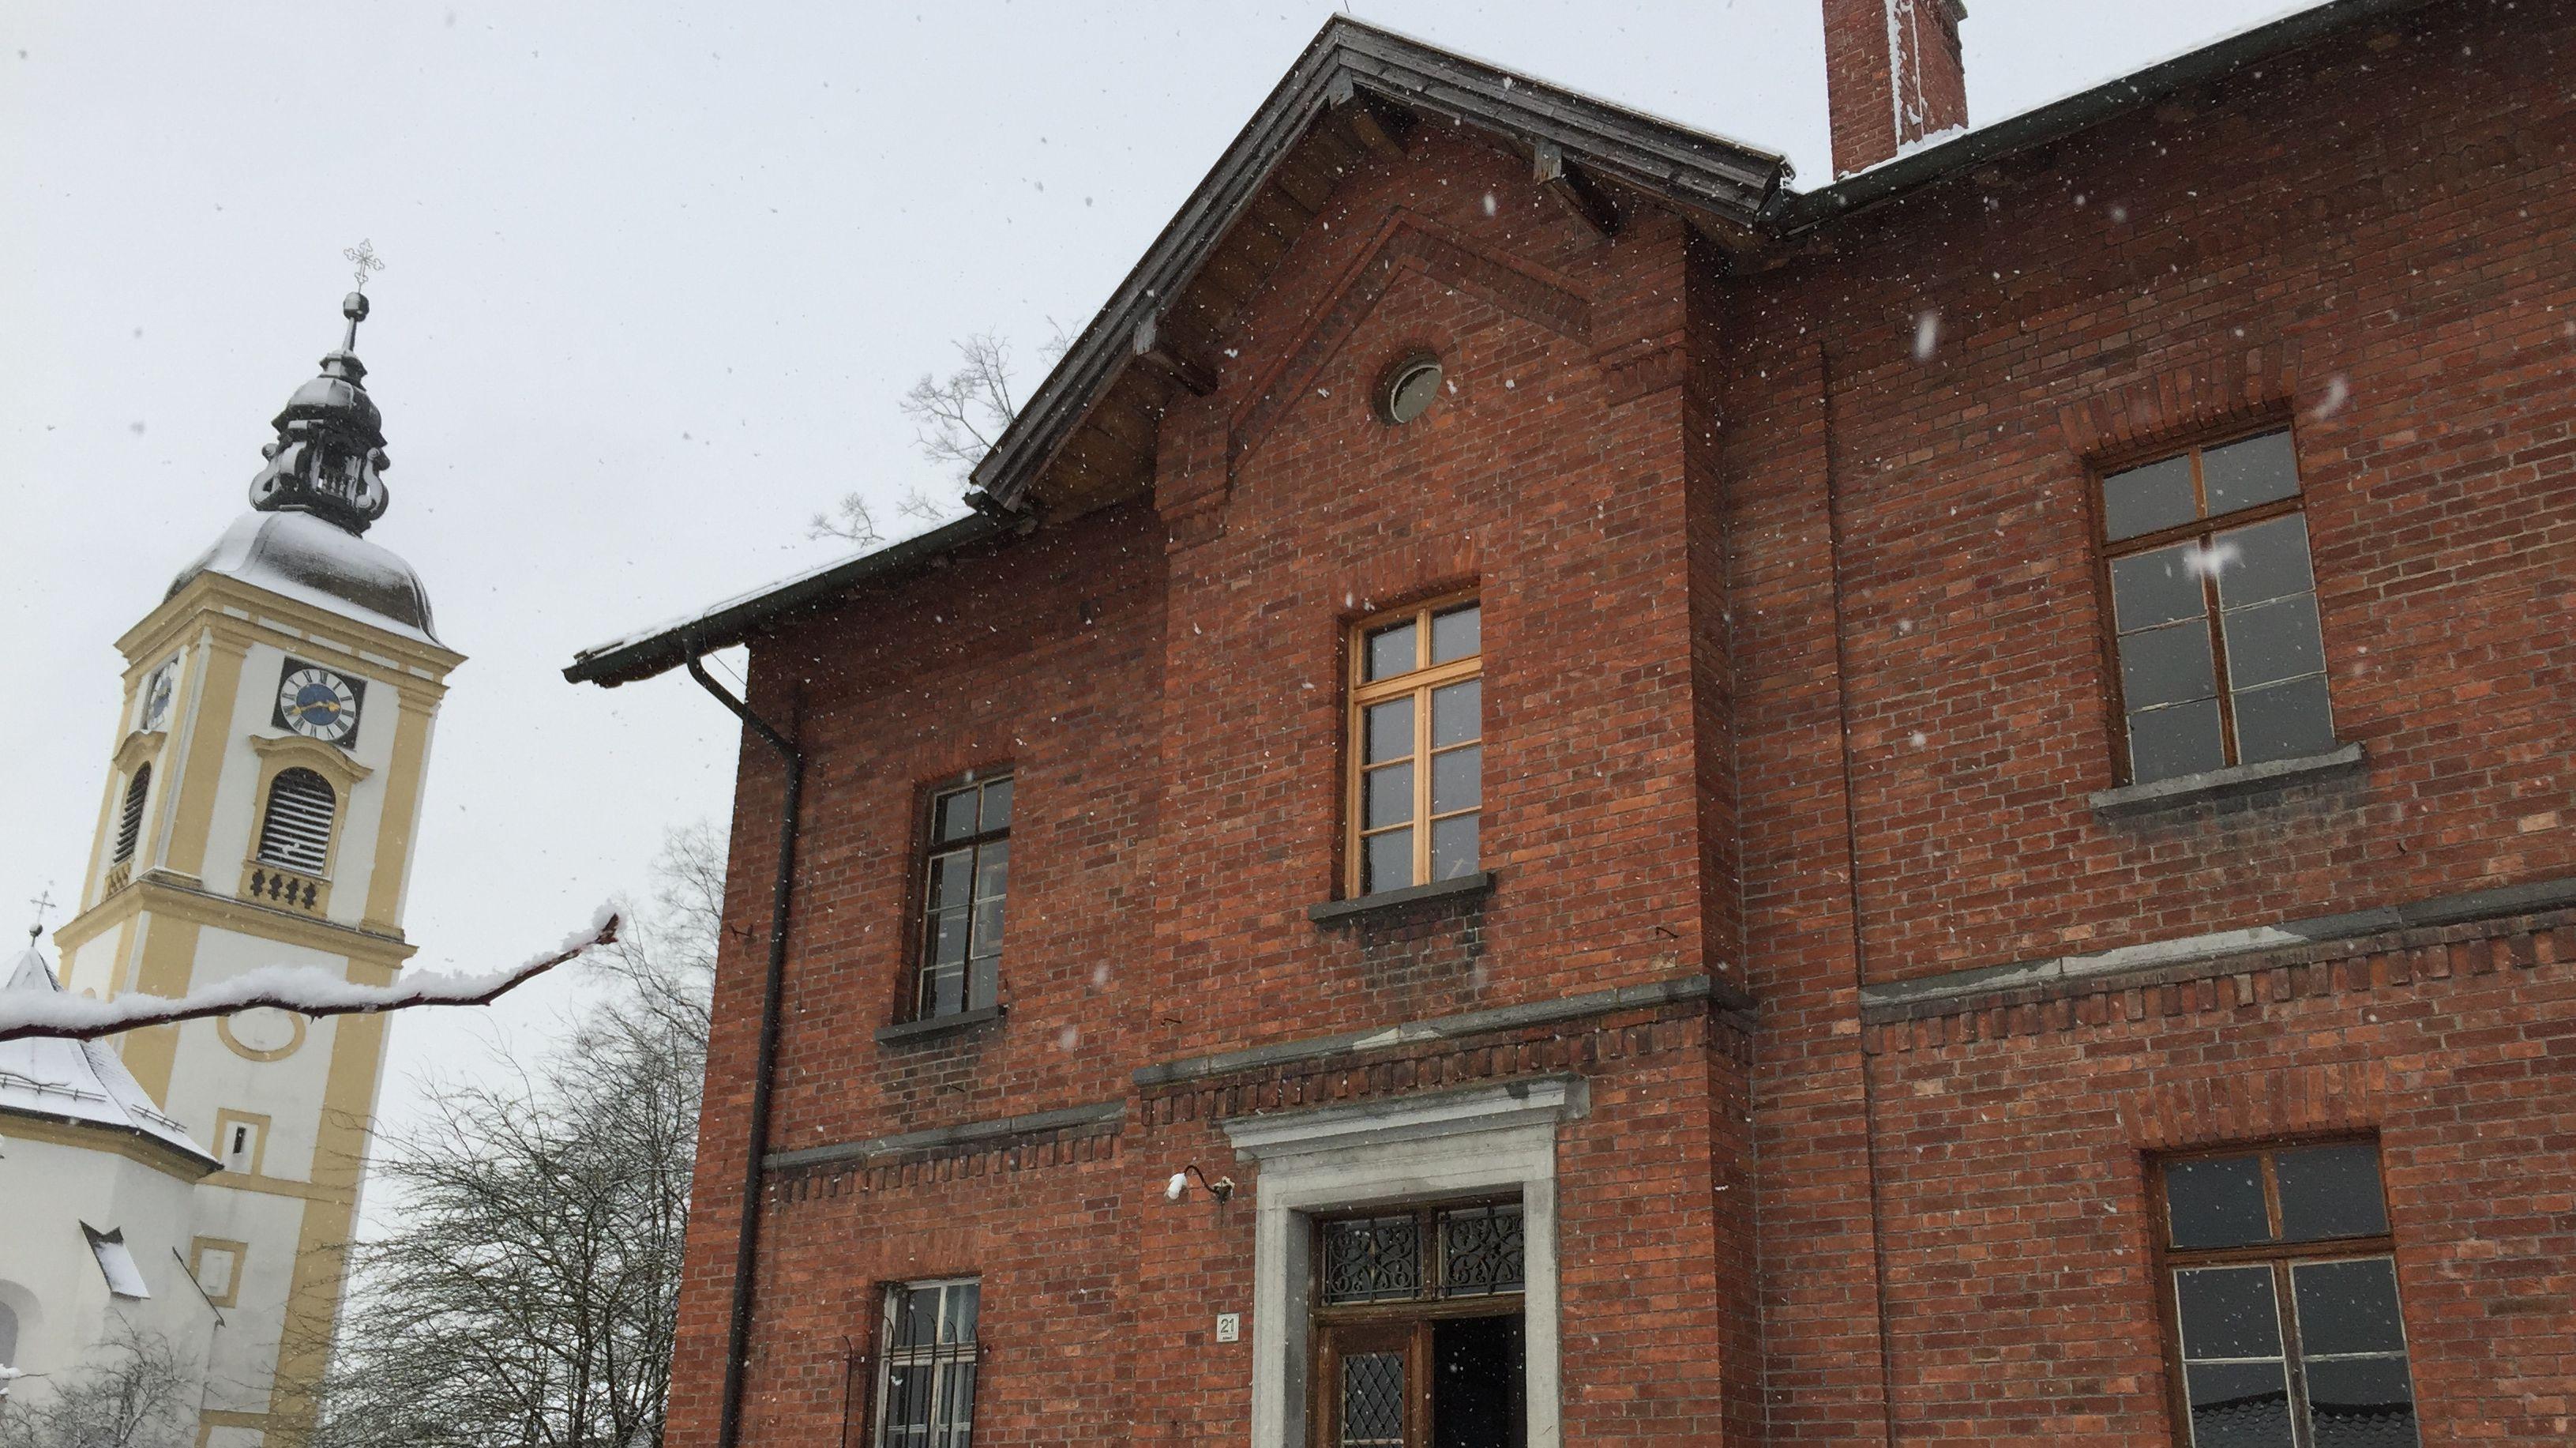 """Ehepaar Haslinger-Schütz hat das """"Rote Schulhaus""""gekauft. Derzeit  hat das renovieren sie das denkmalgeschützte Gebäude."""